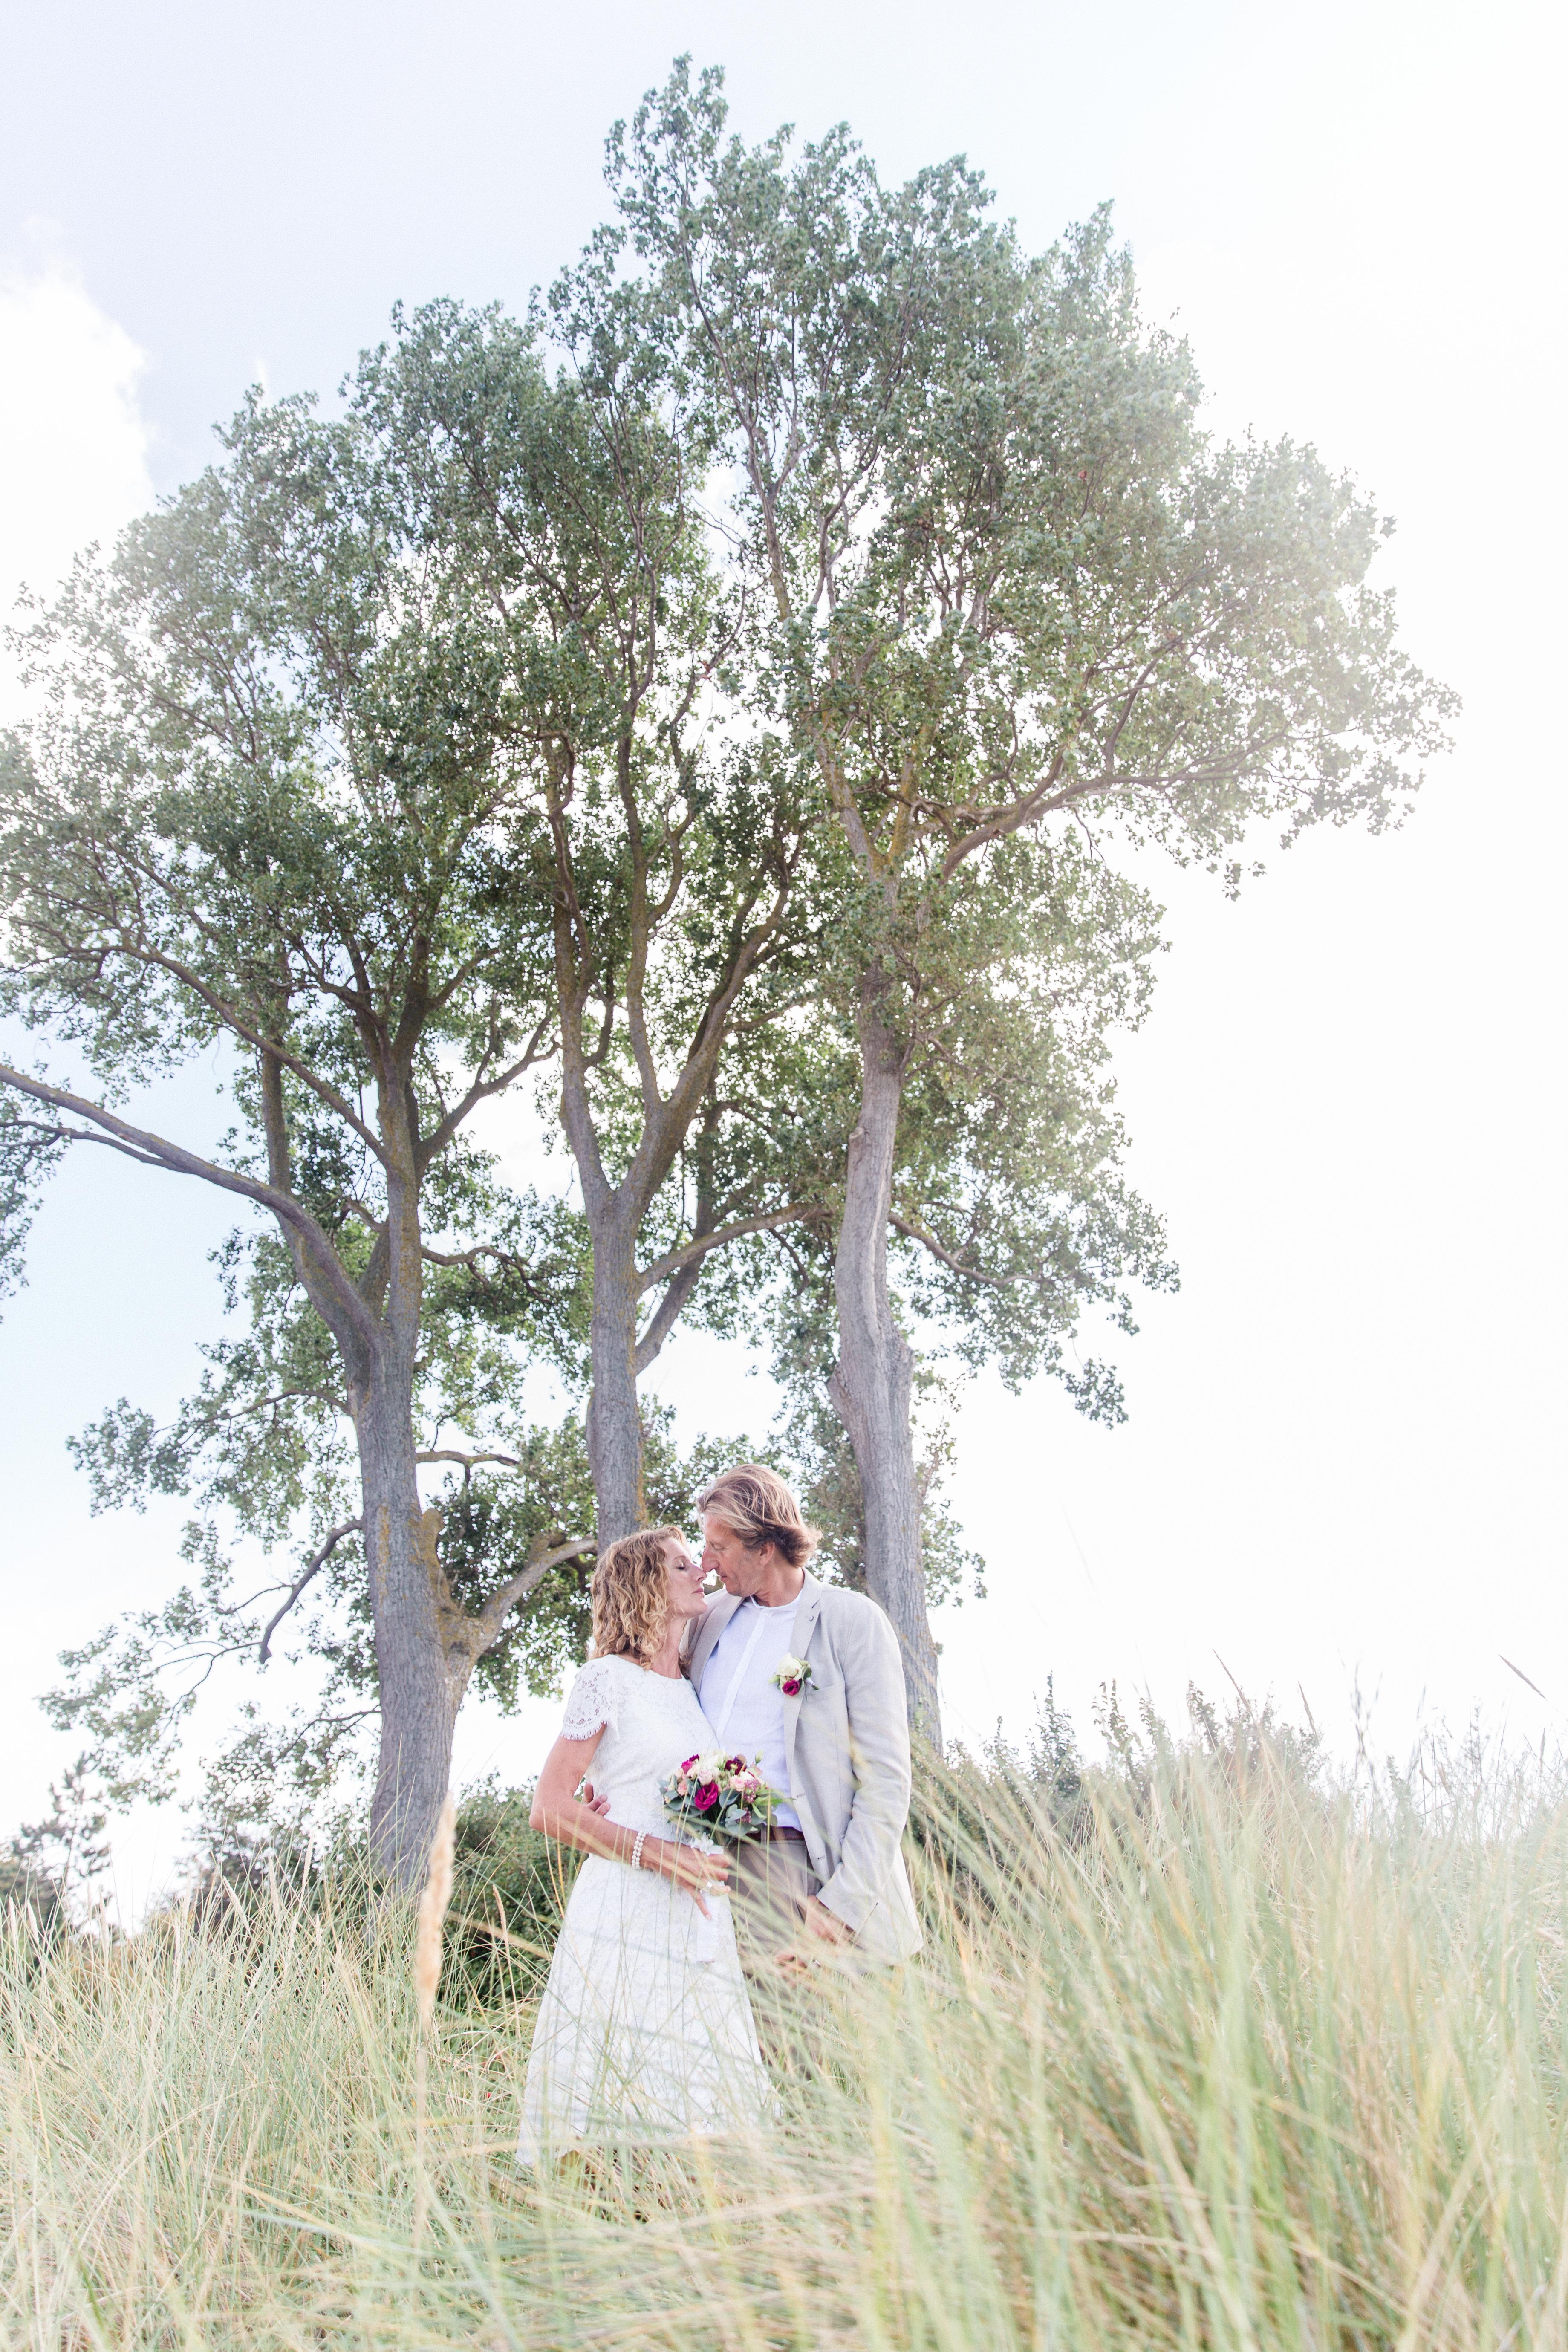 Brautpaarfotoshooting in der Düne.